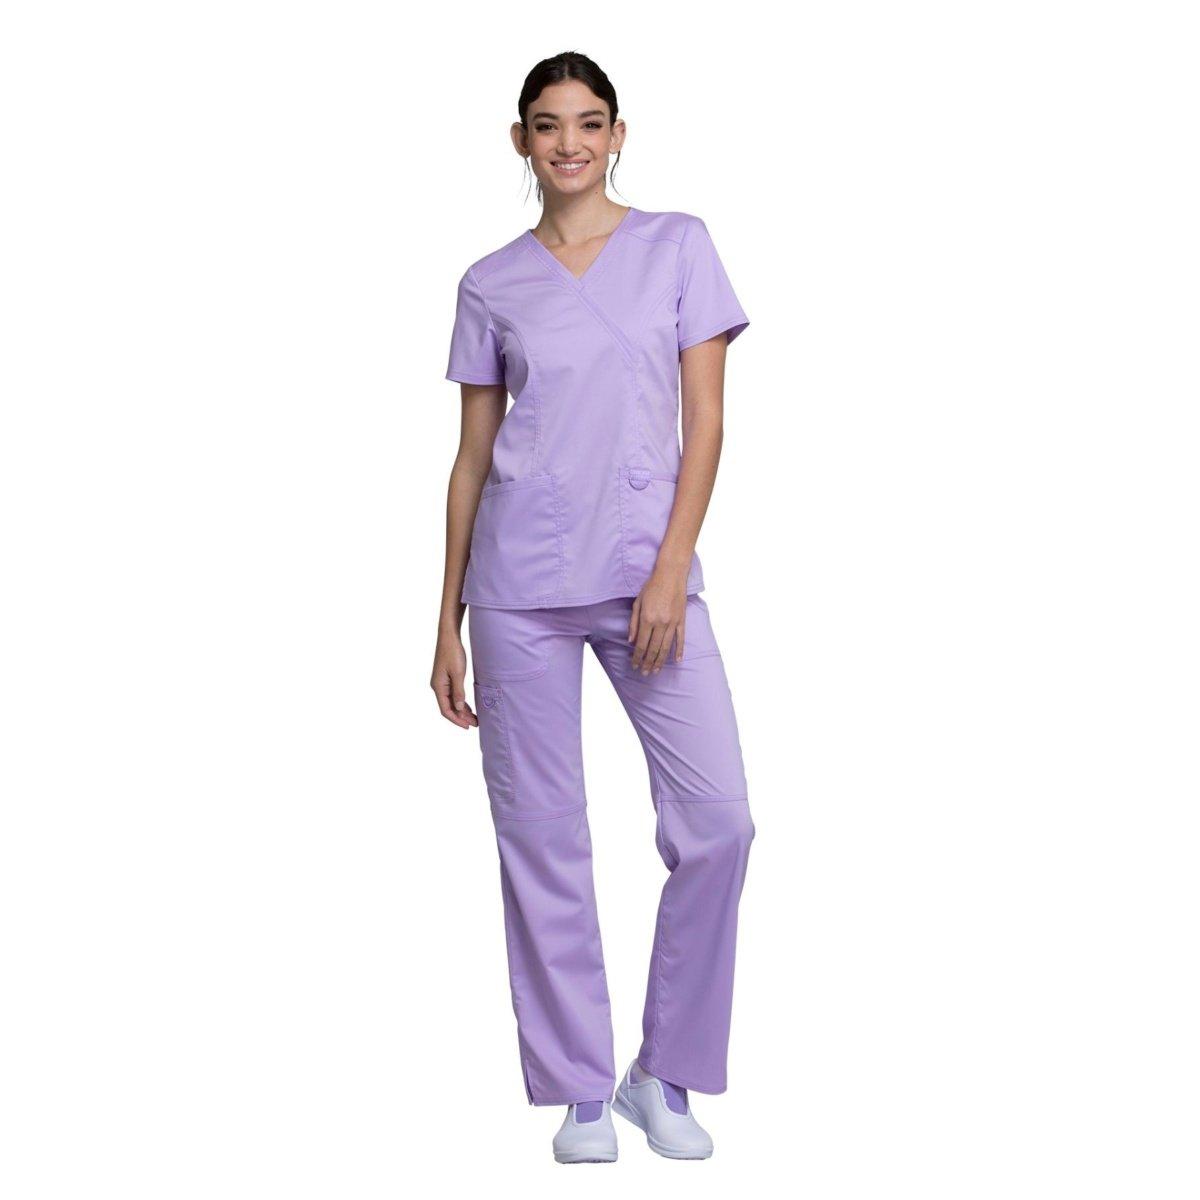 Женский медицинский костюм Revolution цвет- лиловый